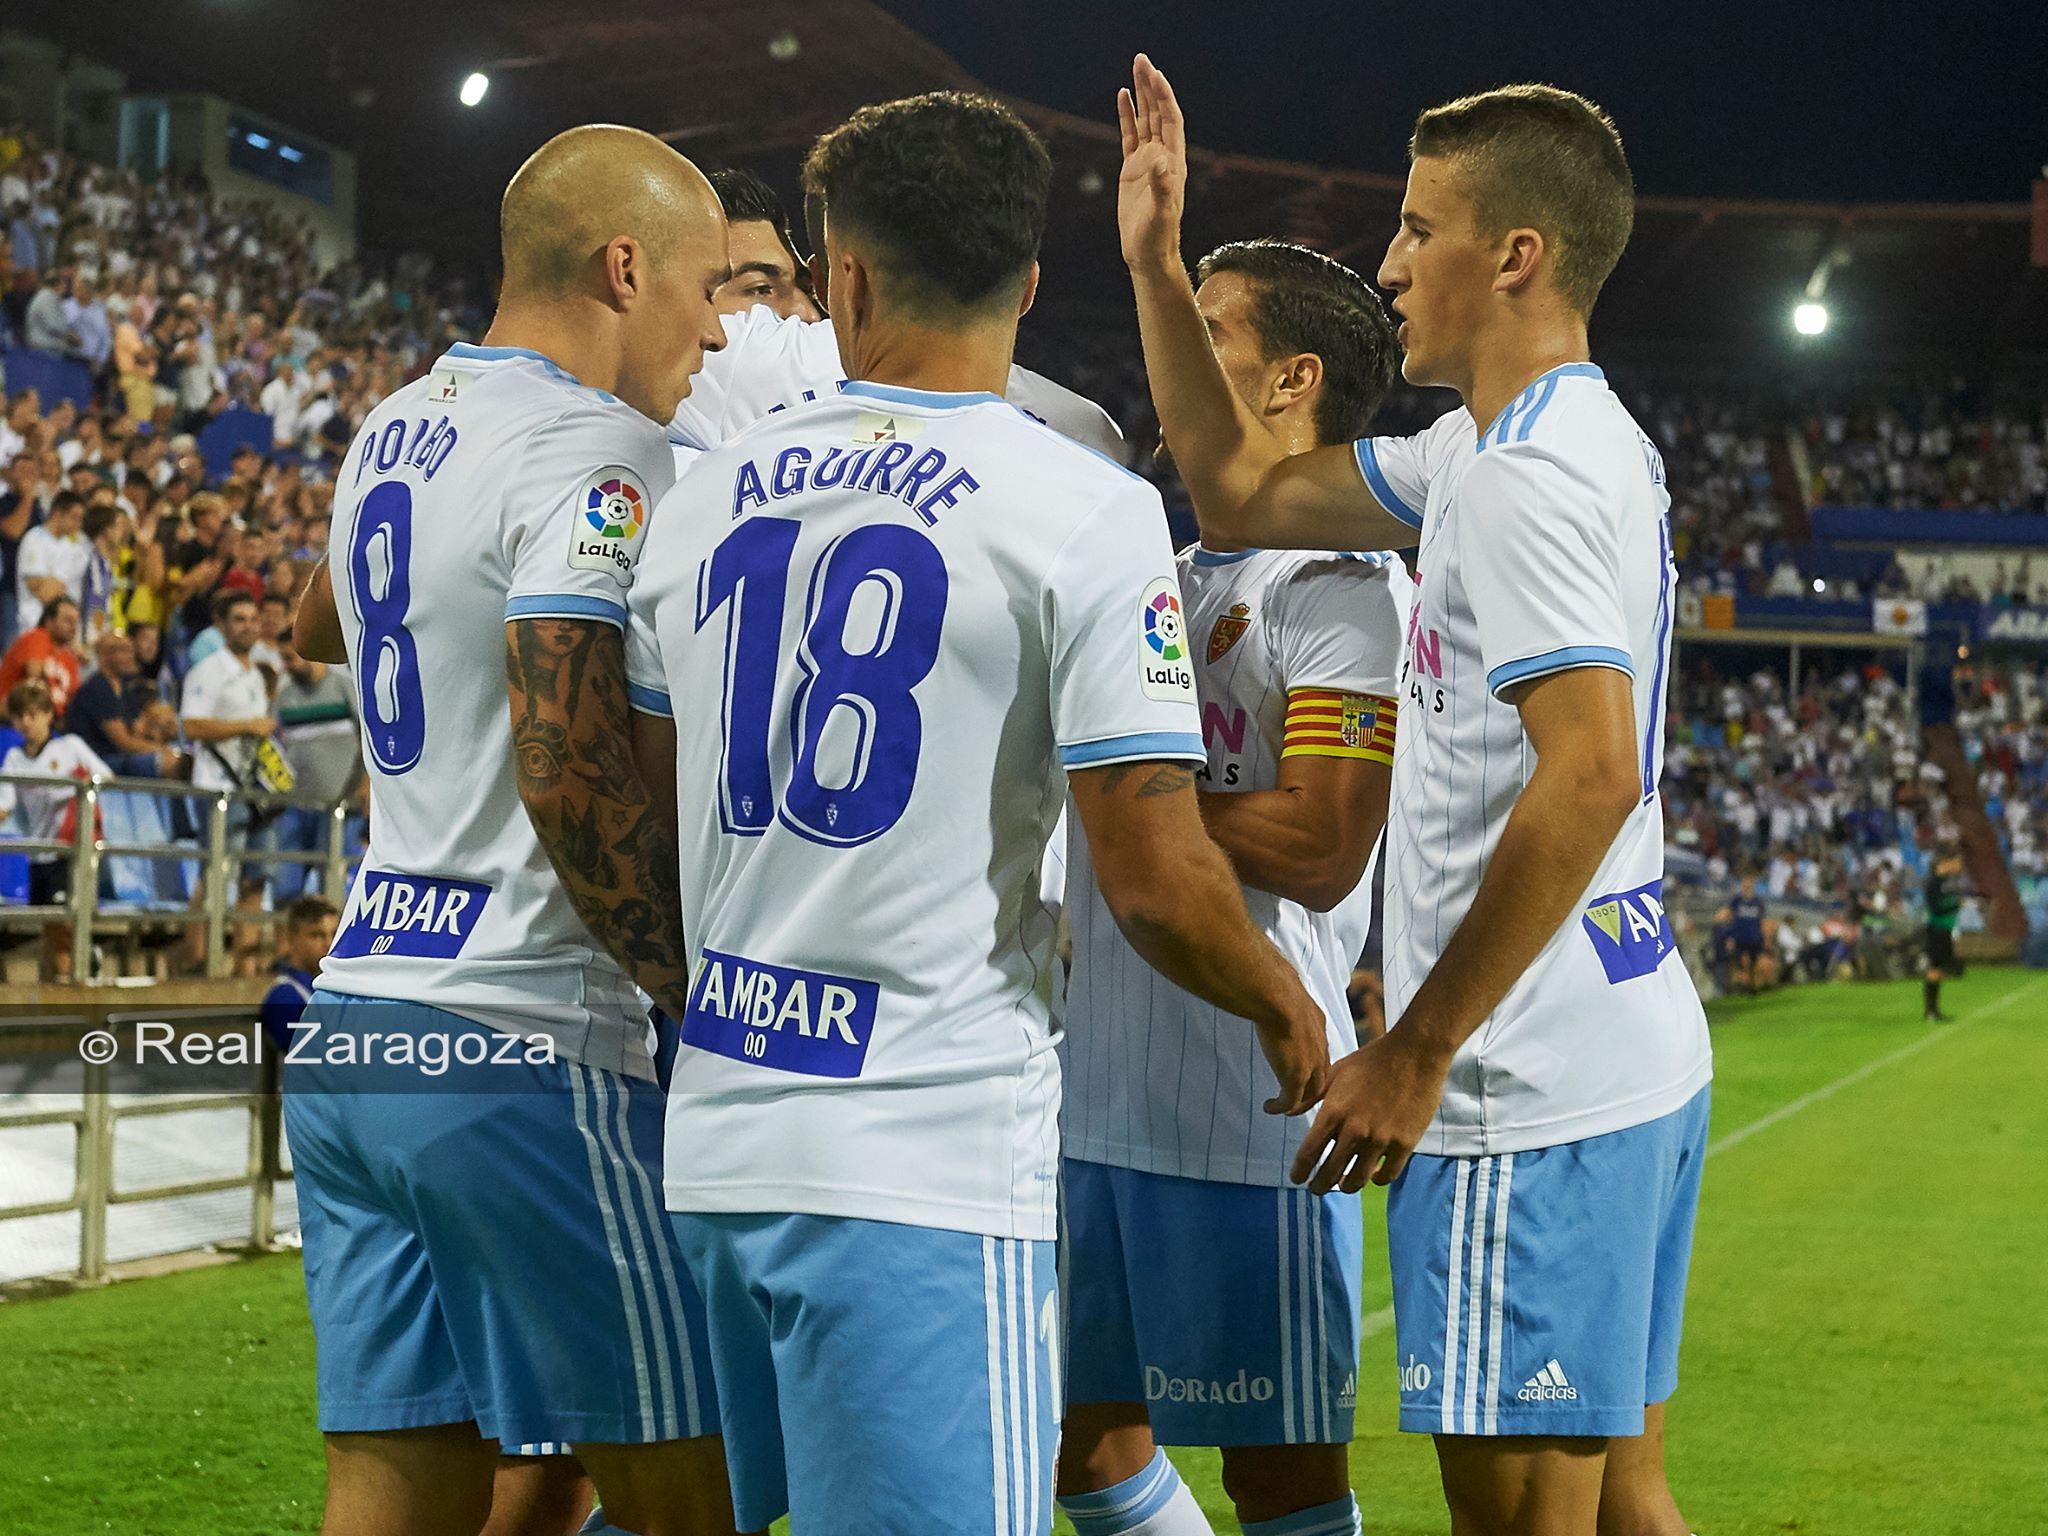 Arabet regala entradas para ver el Real Zaragoza – Lugo en La Romareda